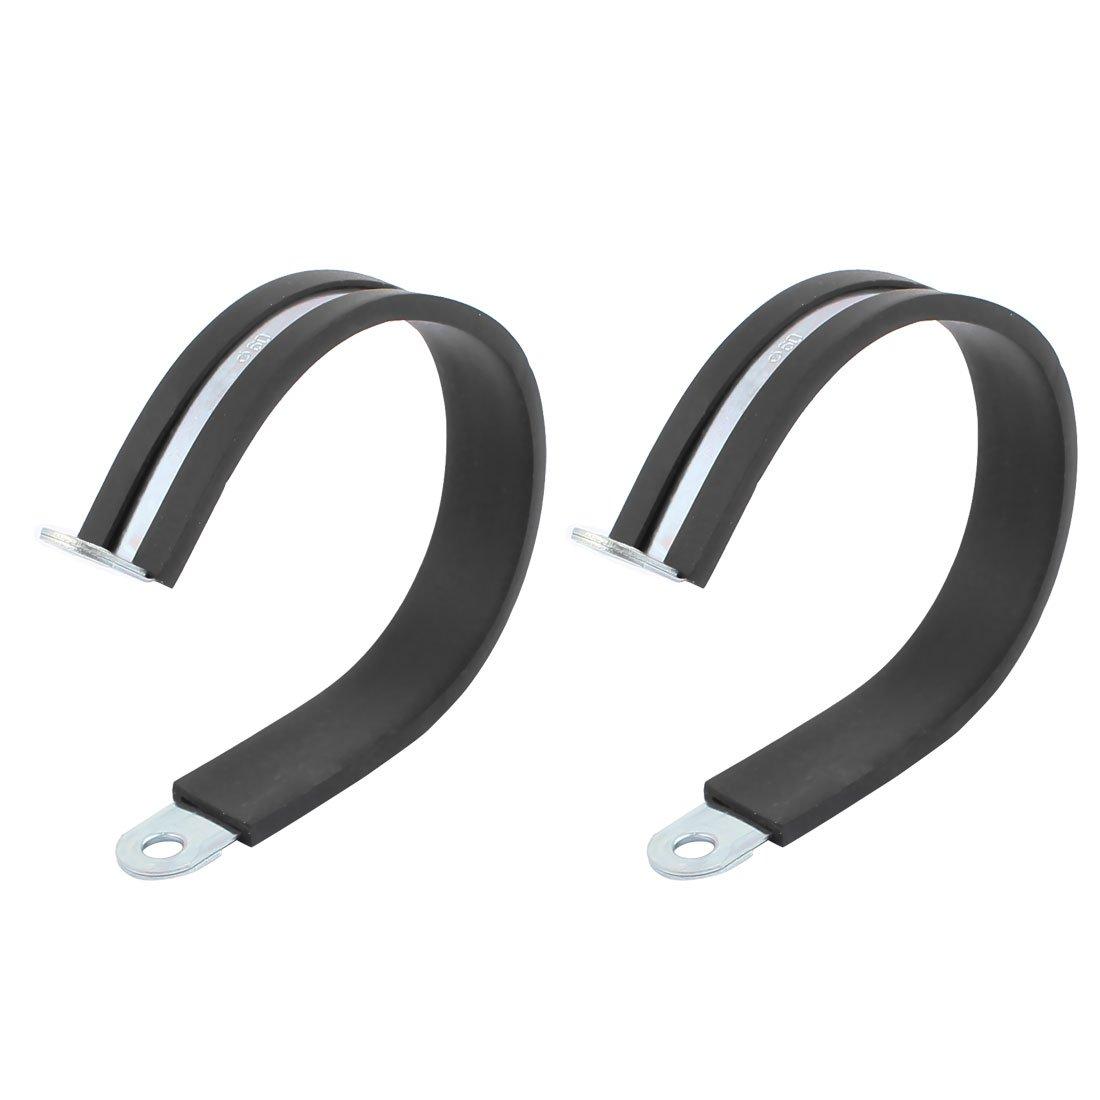 sourcingmap 2pcs 60mm de diá metro Abrazaderas del tubo de cable revestidas de goma chapado de zinc en forma de R de tubo flexible a17010900ux0616